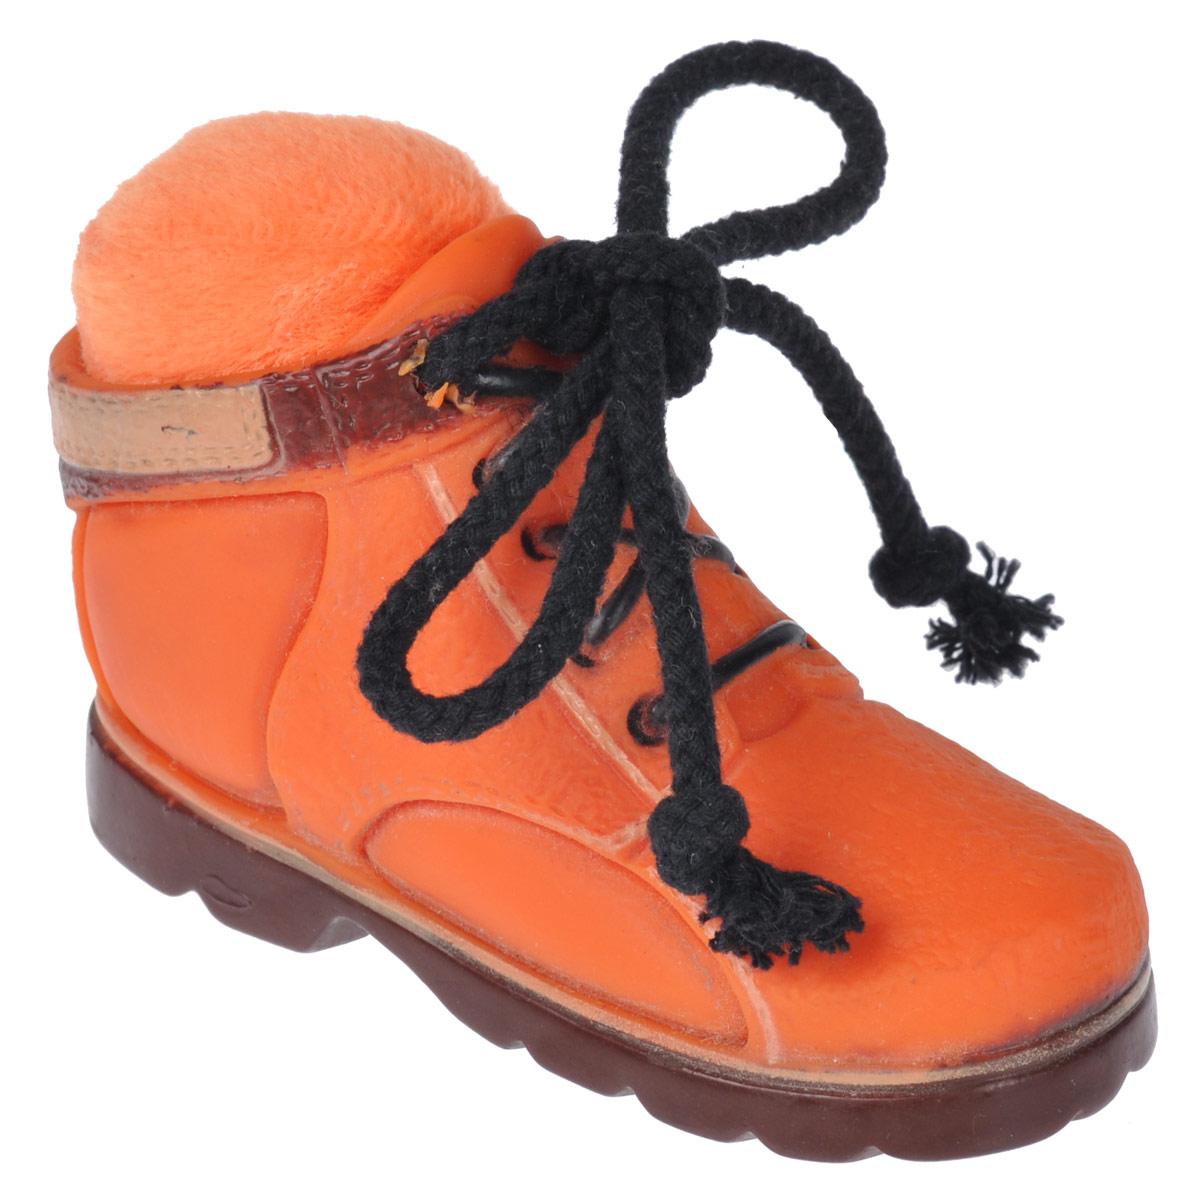 Игрушка для собак Beeztees Ботинок, цвет: оранжевый0120710Игрушка Beeztees Ботинок изготовлена из винила с использованием только безопасных, не токсичных красителей. Великолепно подходит для игры и массажа десен вашей собаки.При надавливании или захвате пастью пищит. Такая игрушка порадует вашего любимца, а вам доставит массу приятных эмоций, ведь наблюдать за игрой всегда интересно и приятно.